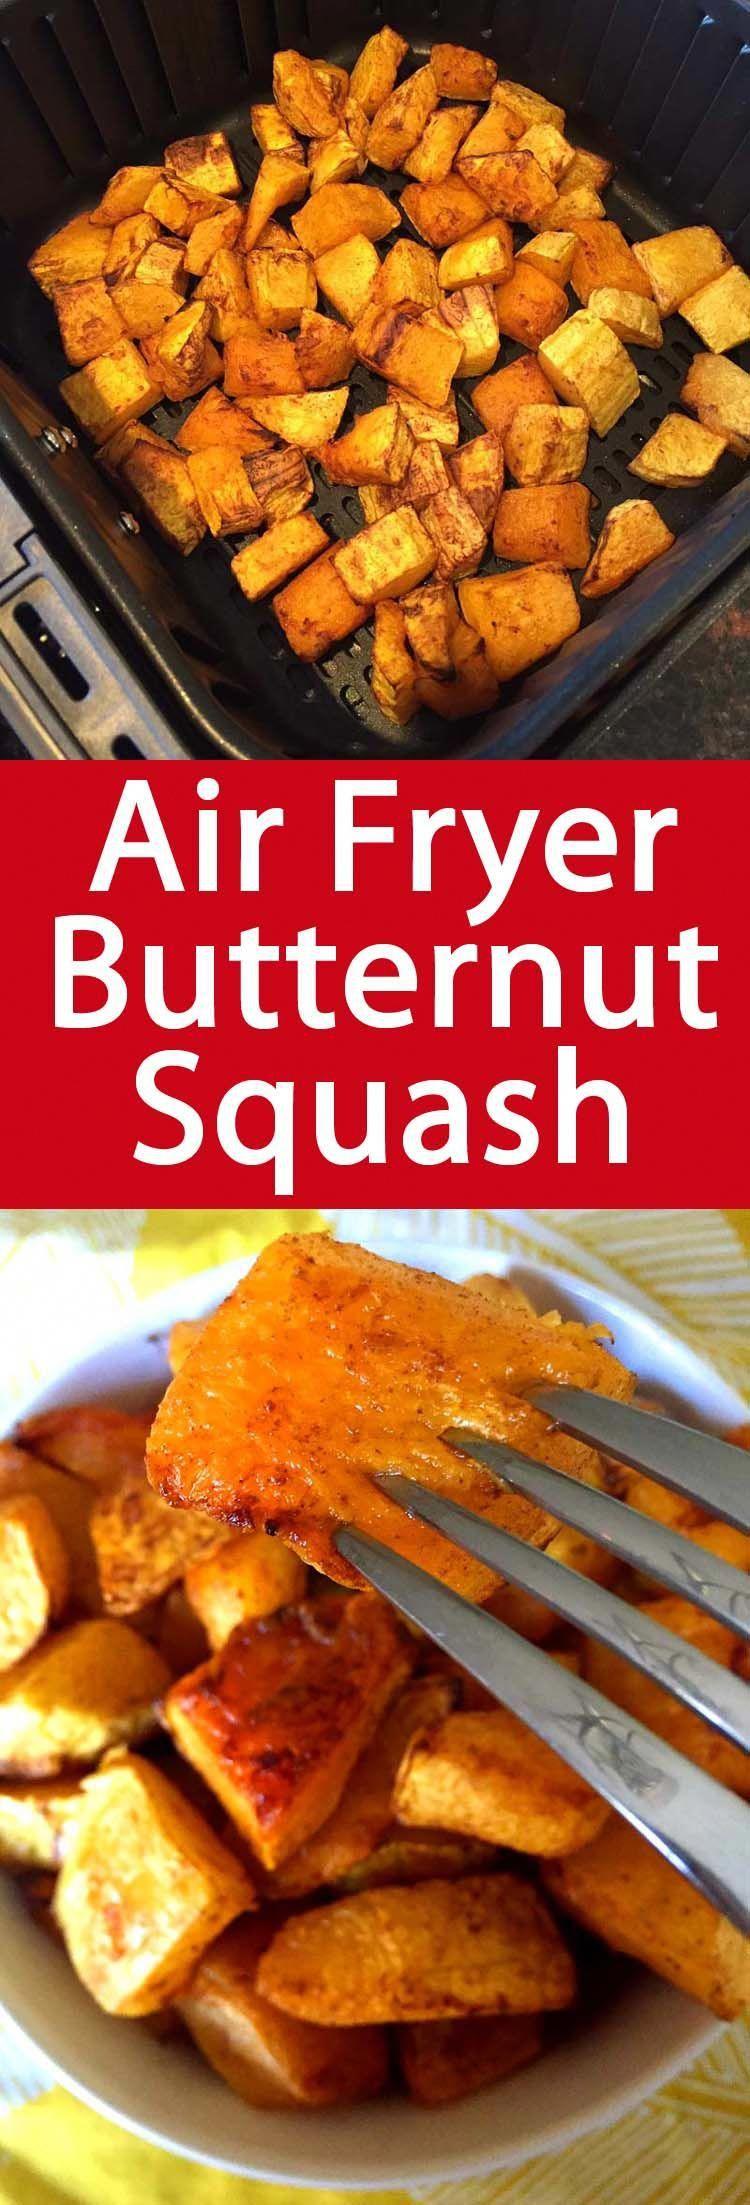 Air Fryer Butternut Squash Recipe Air fryer dinner